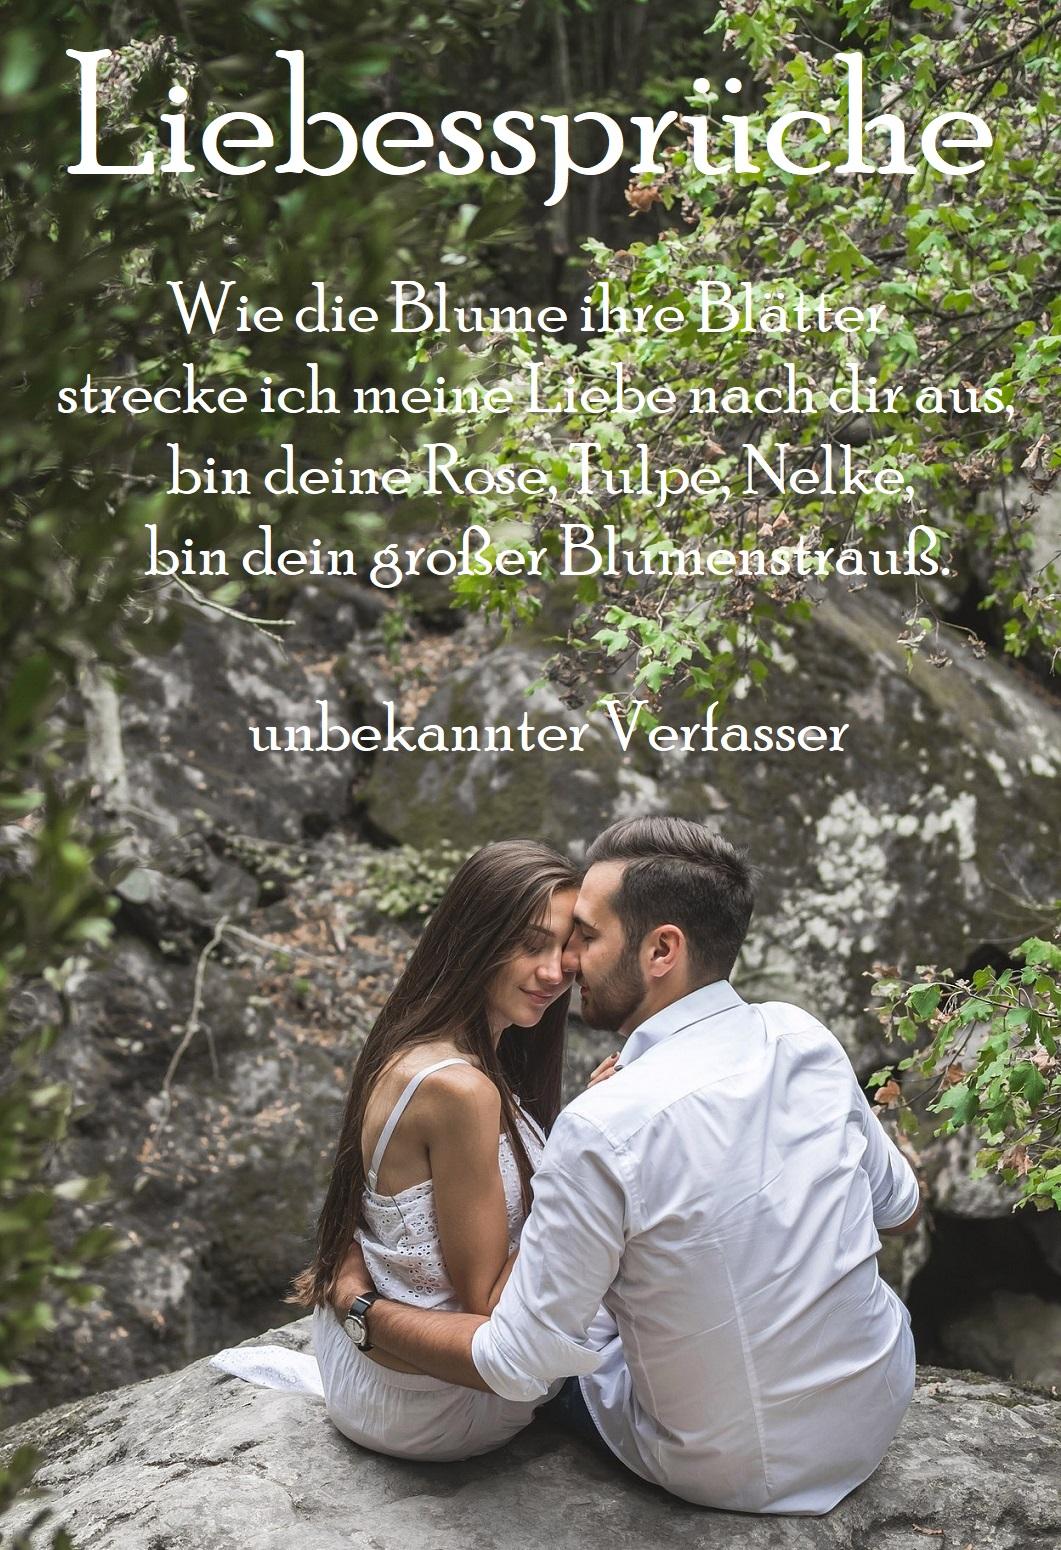 Passende Sprüche für Verliebte - Teil 2   Gutscheinspruch.de